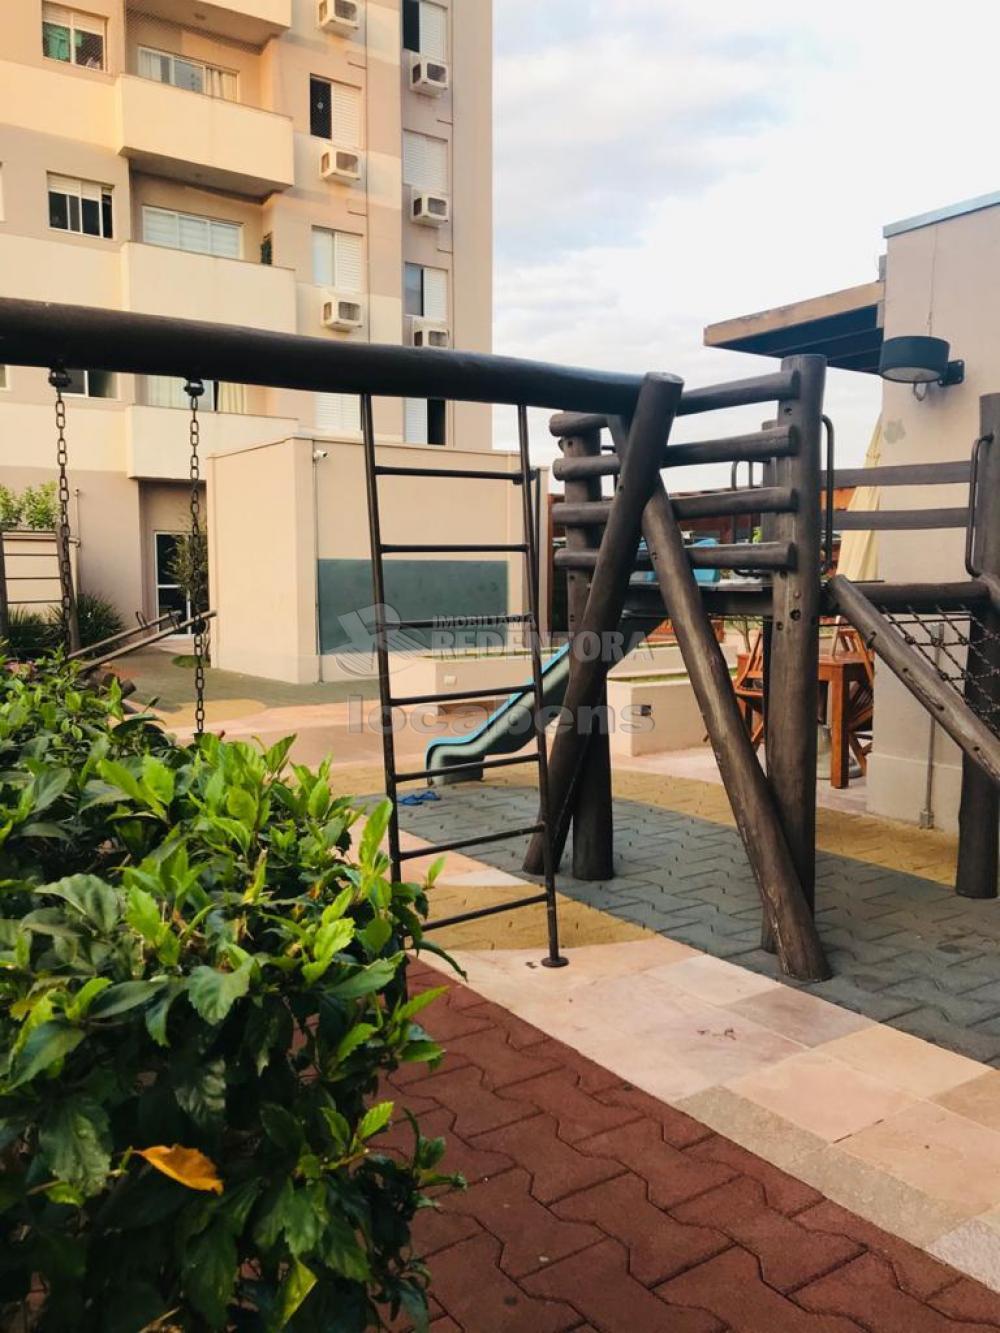 Comprar Apartamento / Padrão em São José do Rio Preto R$ 360.000,00 - Foto 23